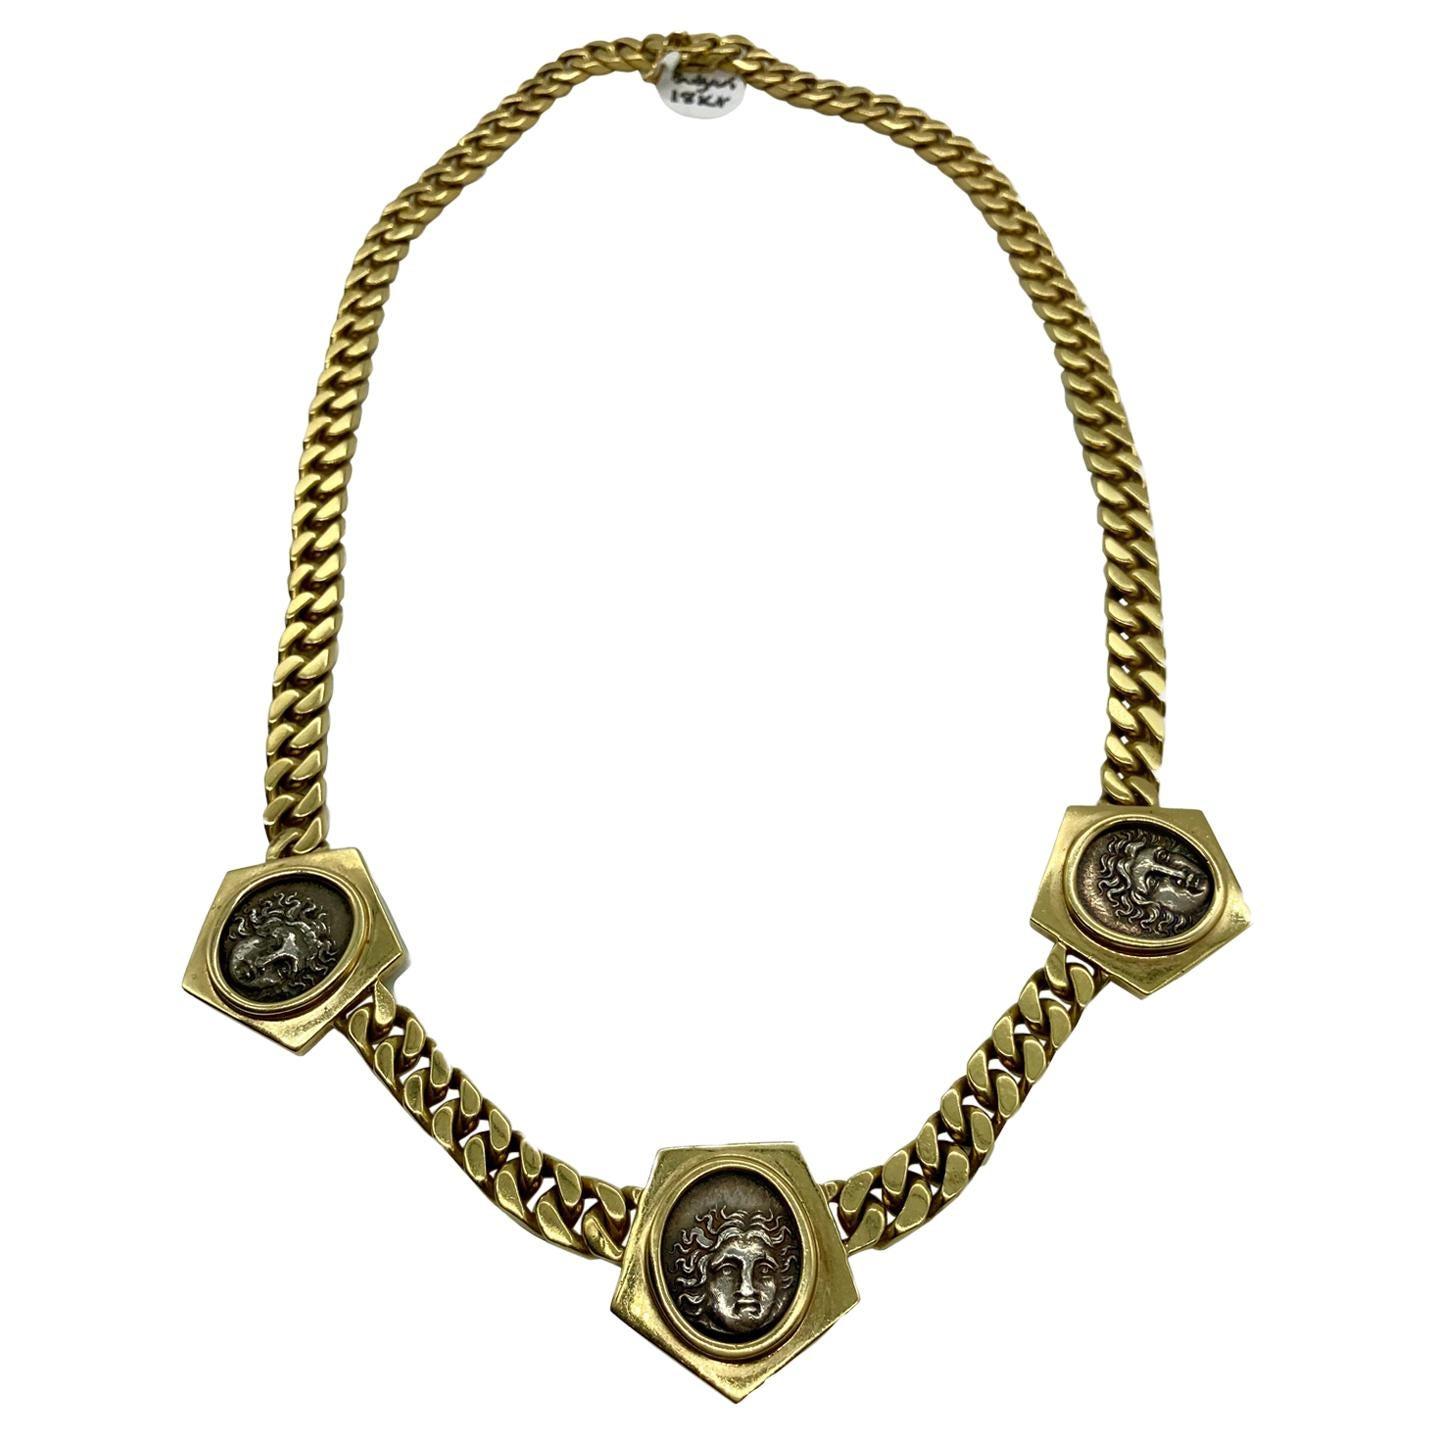 Vintage Bulgari Monete Ancient Greek Coin Chain Necklace